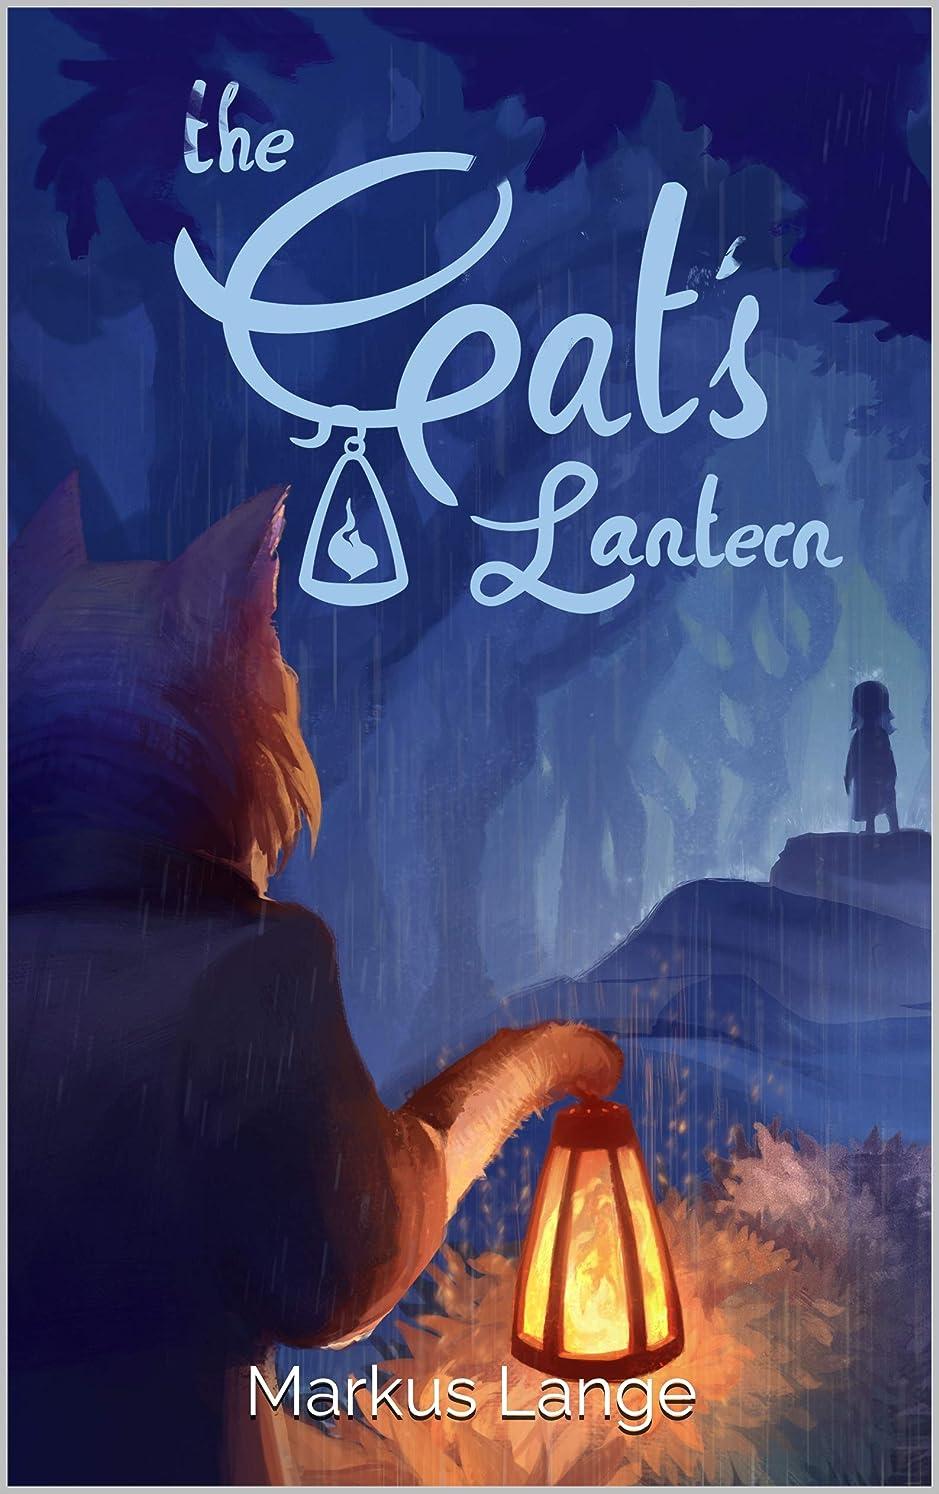 お酢自慢買うThe Cat's Lantern (English Edition)